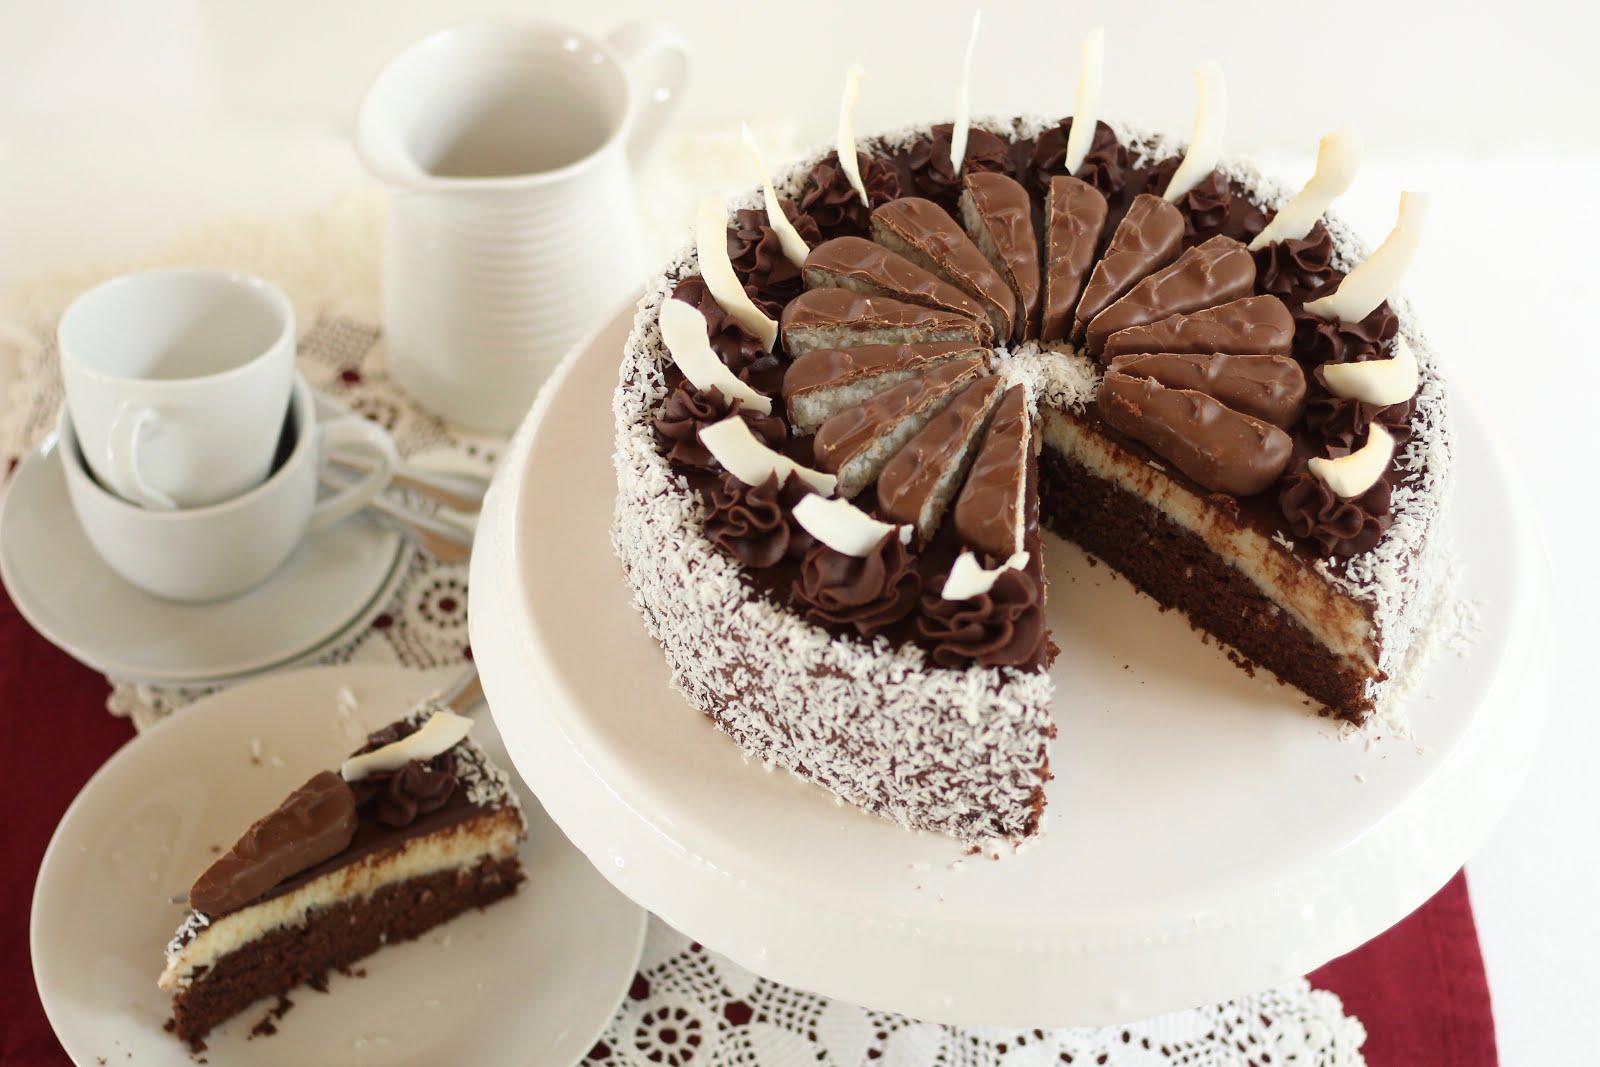 Bezaubernde Bounty Torte mit Schokoganache und Kokoschips | Rezept und Video von Sugarprincess